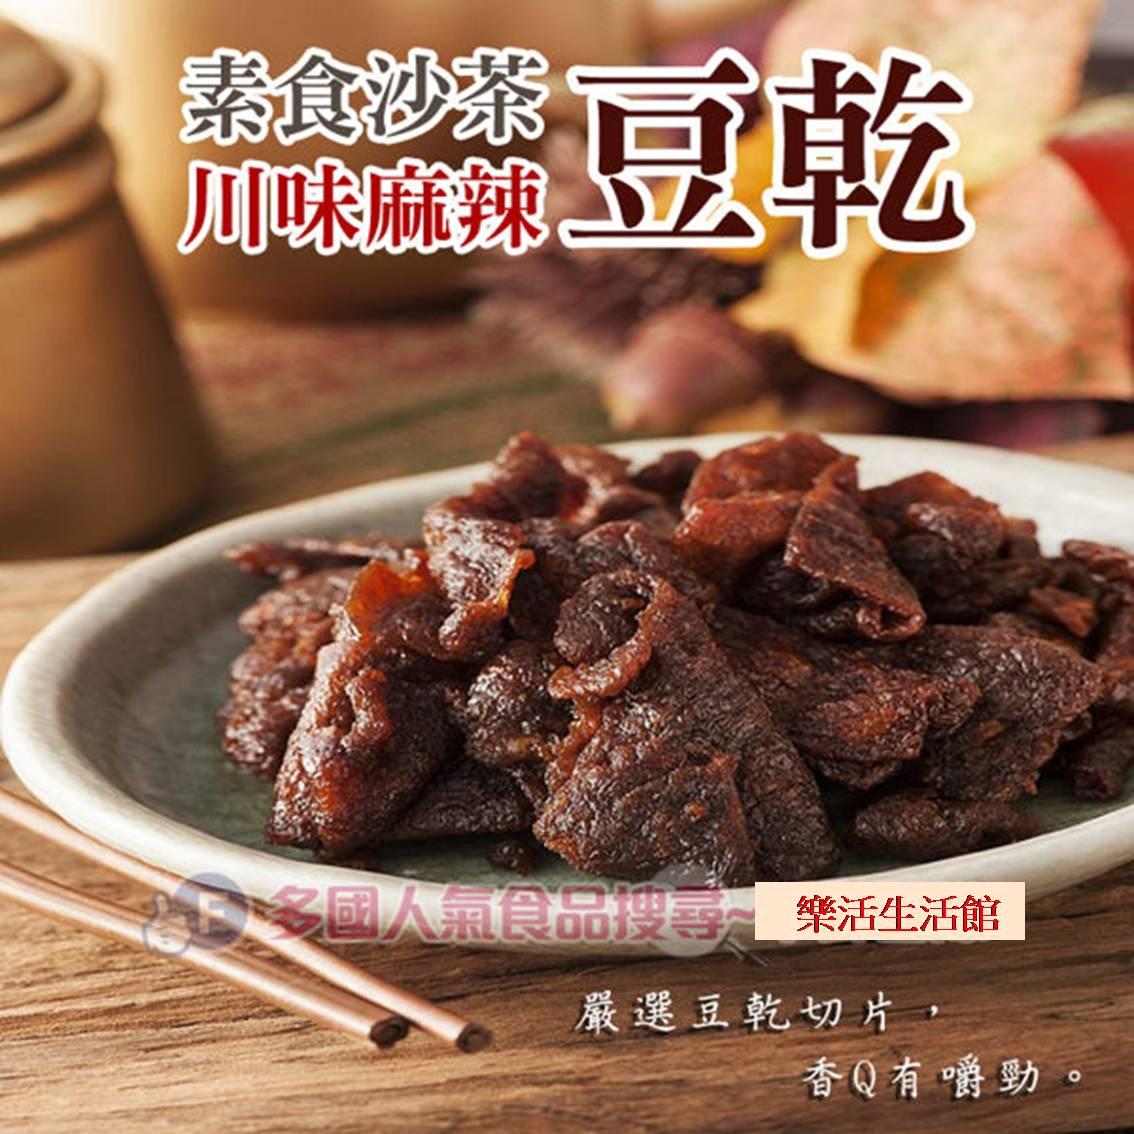 素食豆干 豆乾 沙茶豆乾 川味麻辣豆乾  樂活生活館